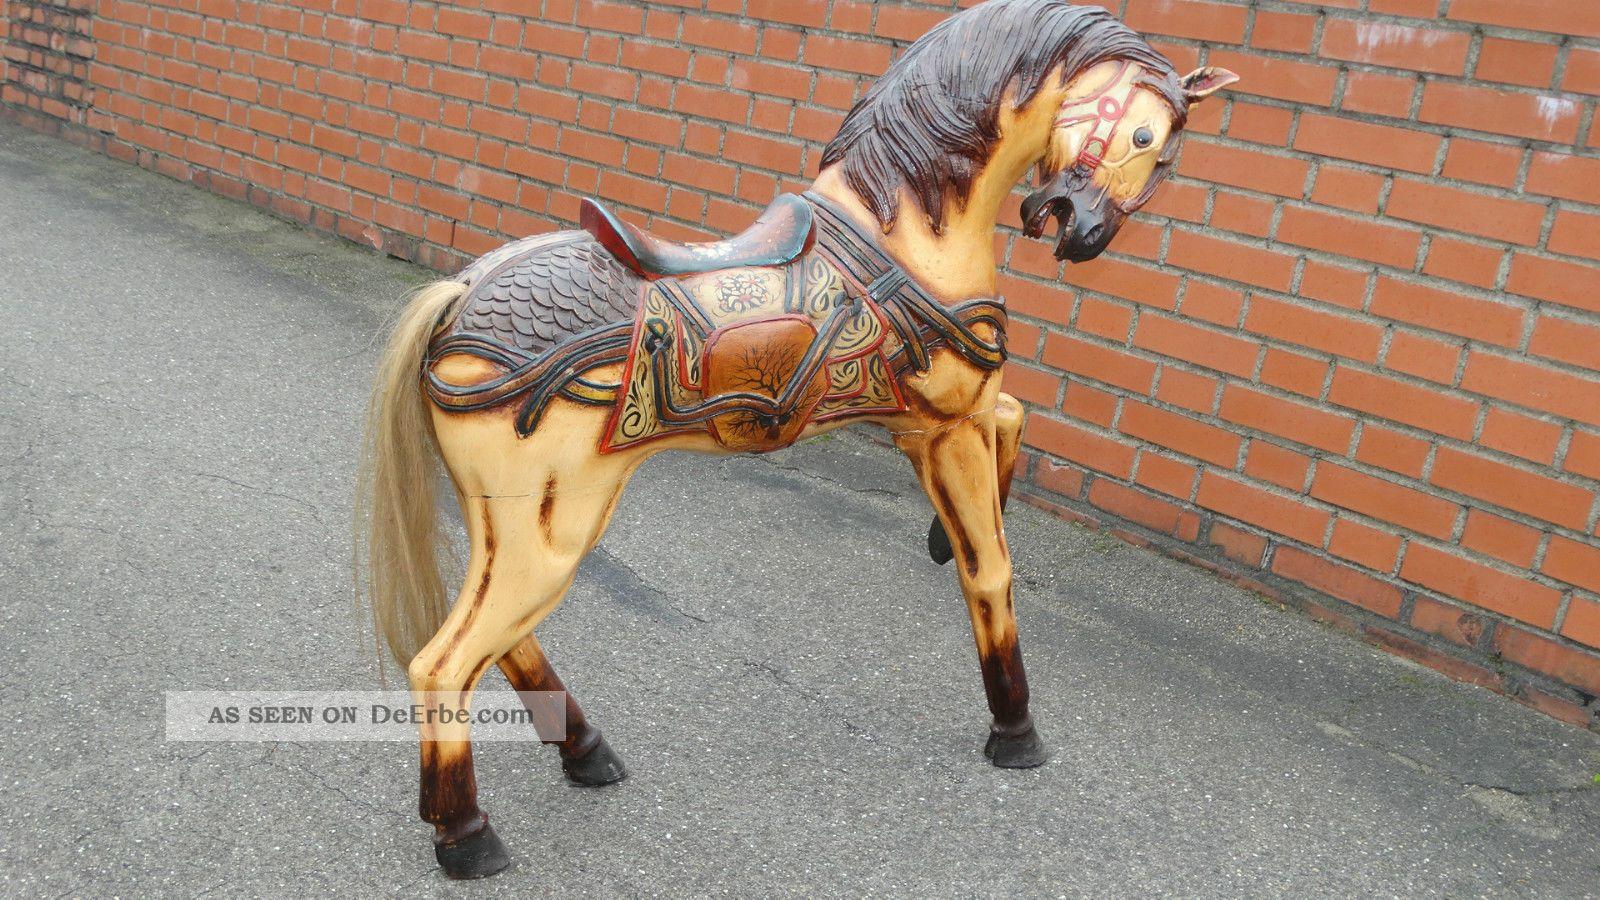 grosses holzpferd karussel pferd schaukelpferd deko 100cm. Black Bedroom Furniture Sets. Home Design Ideas